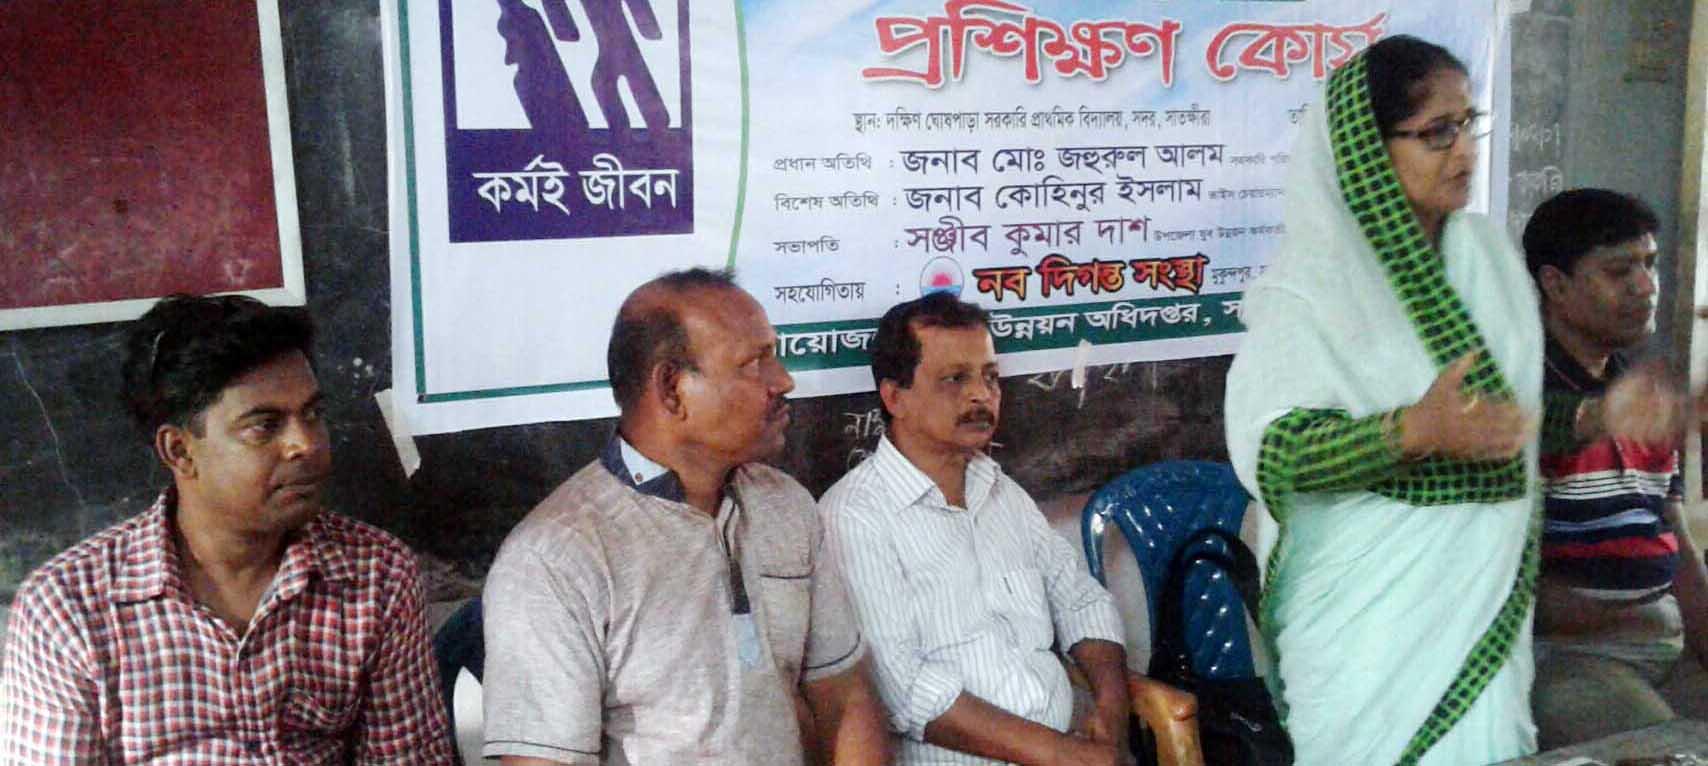 ঘোষপাড়ায় নবদিগন্ত সংস্থার সেলাই প্রশিক্ষণ উদ্বোধন